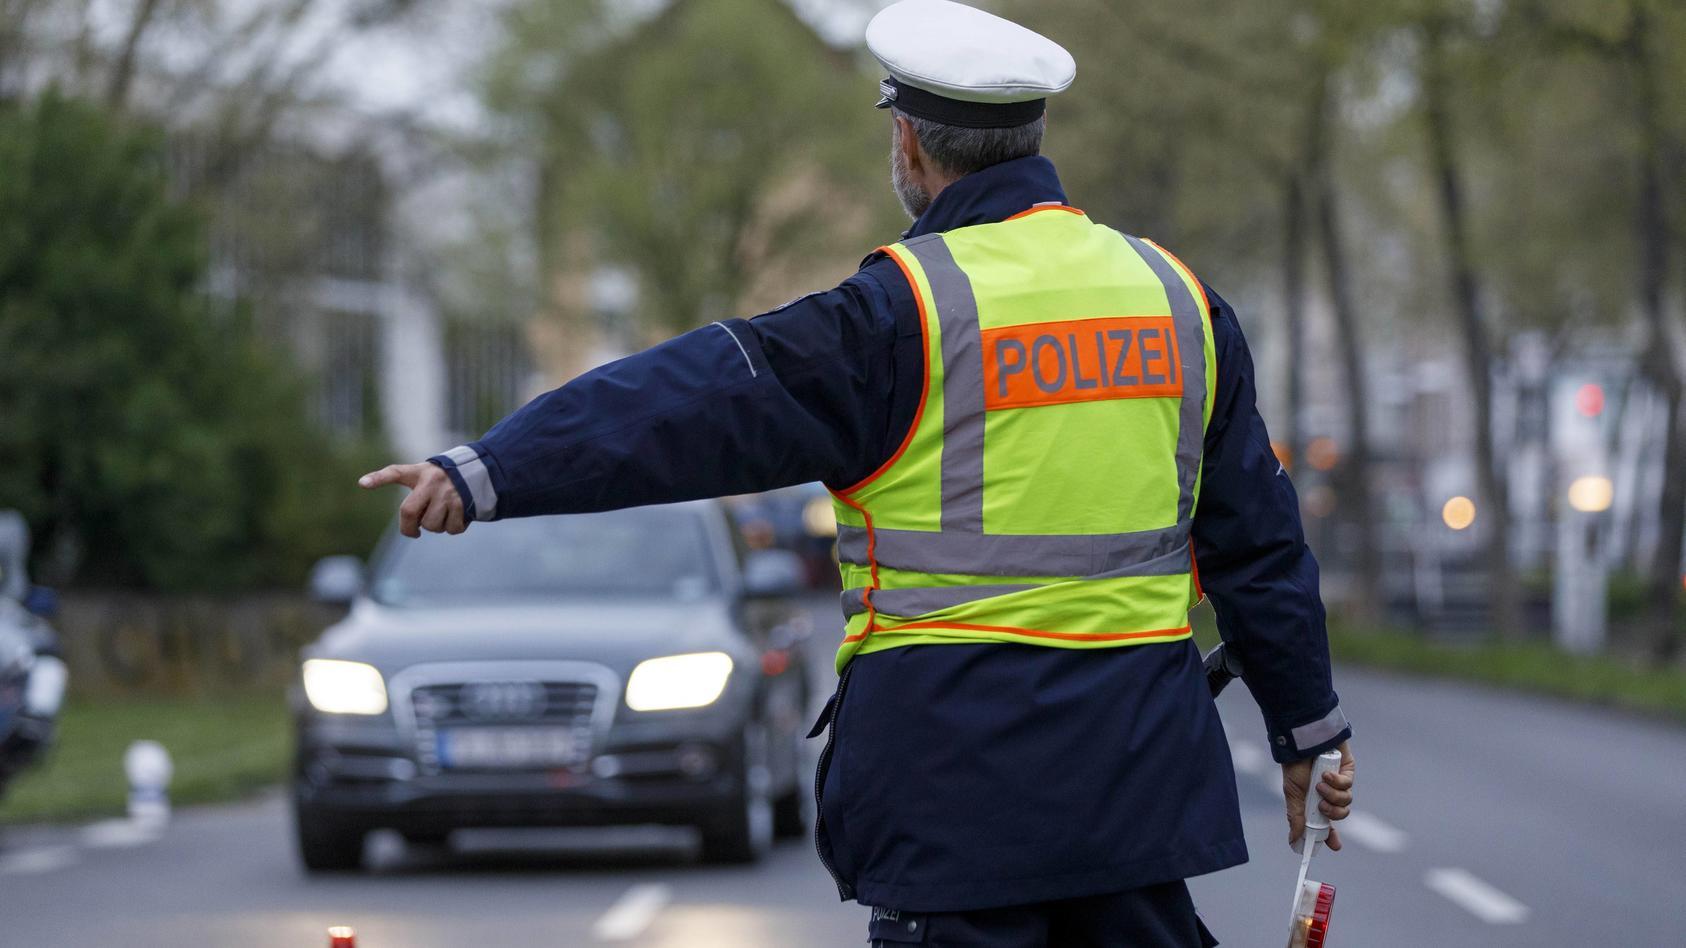 Schwerpunkt-Kontrolle der Polizei Köln auf der Luxemburger Straße. Köln, 05.04.2017 Foto:xC.xHardtx/xFuturexImage